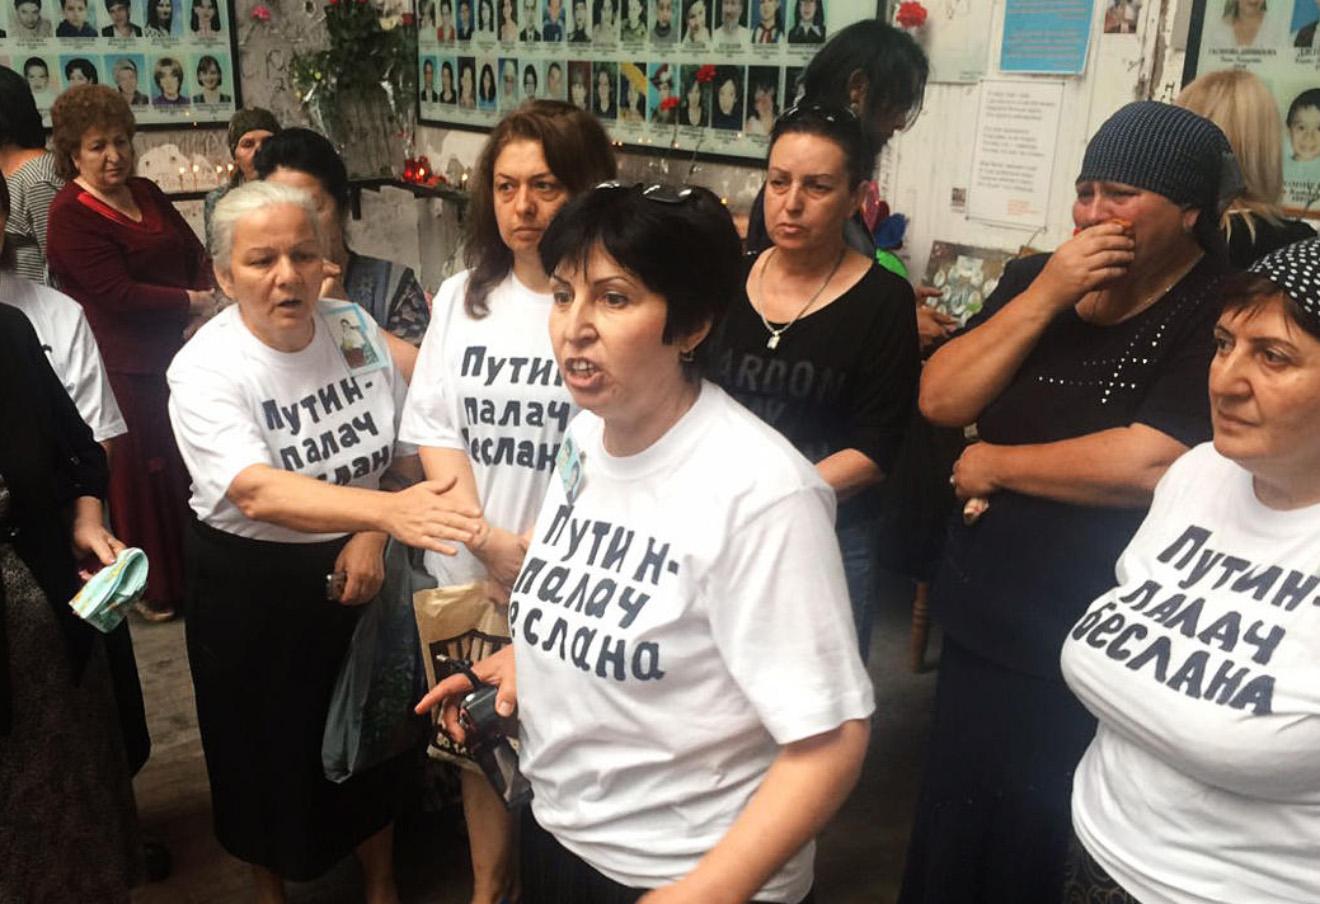 Матерей бесланских детей приговорили к штрафам и ... - photo#4